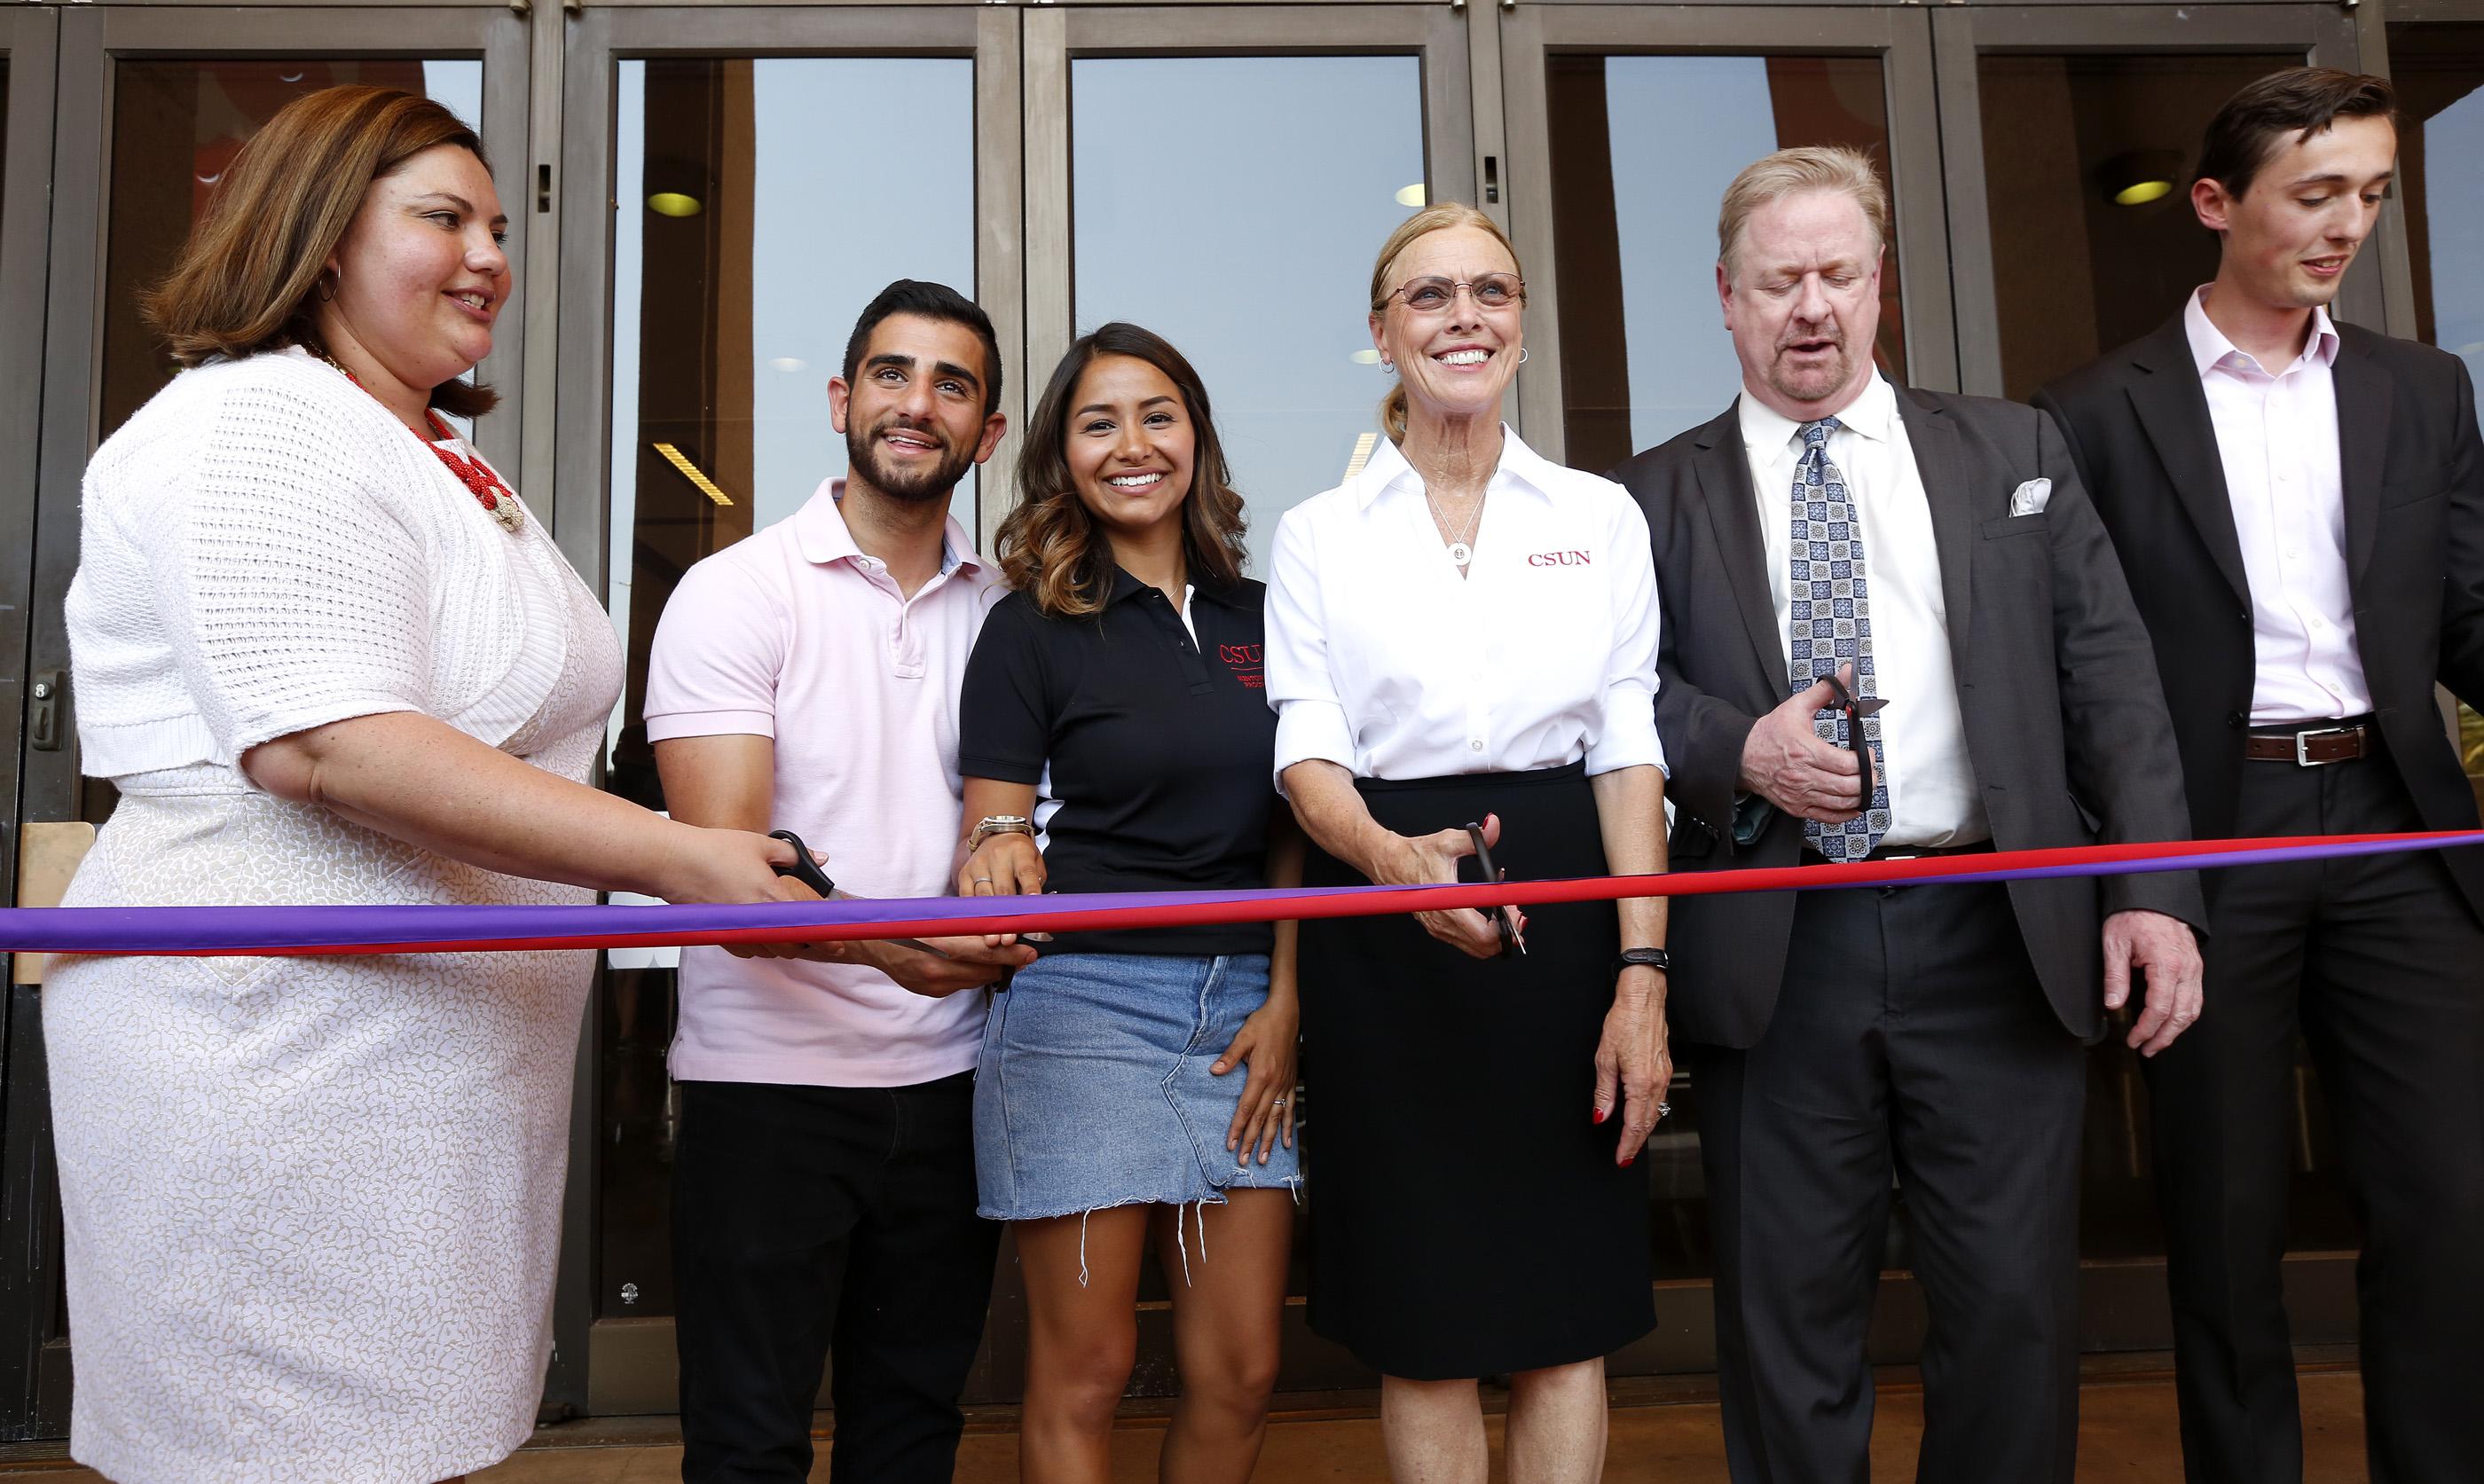 Autoridades y estudiantes inauguraron ayer la clínica legal. (Aurelia Ventura/La Opinion)